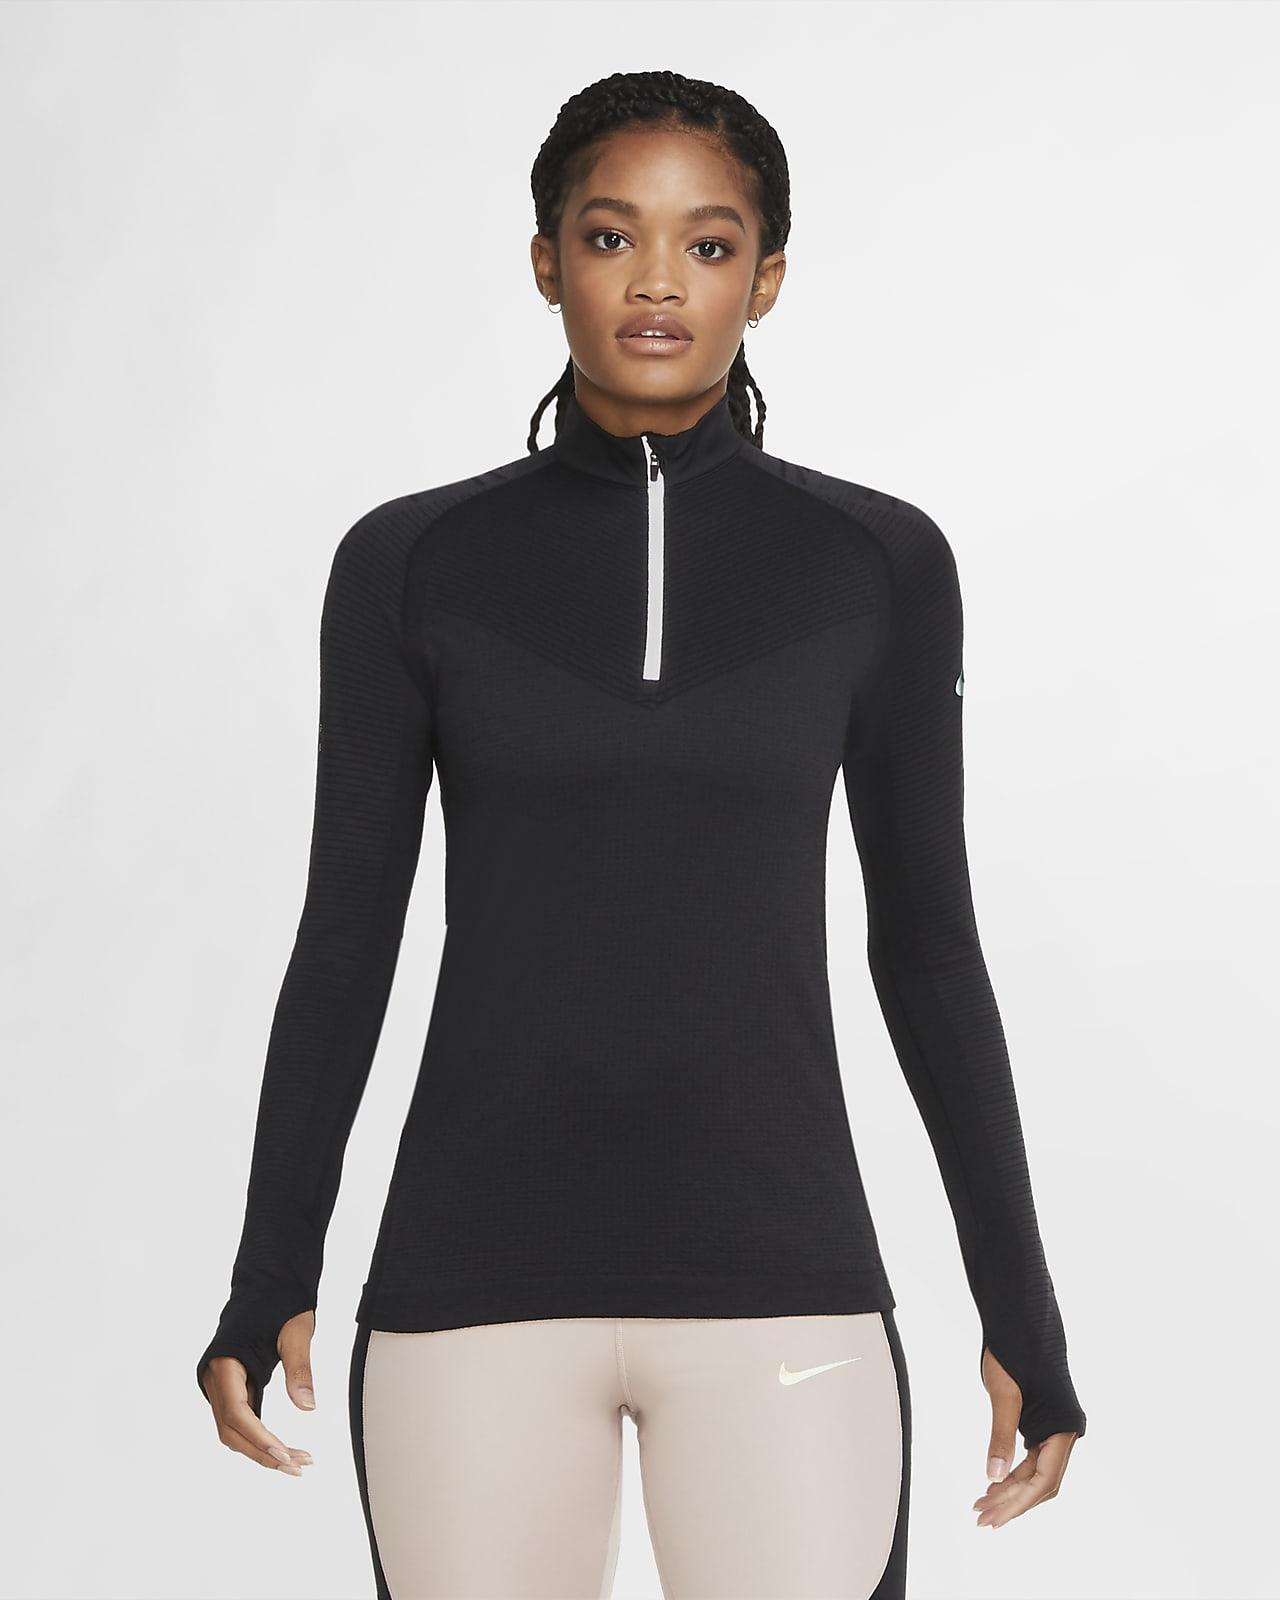 Nike Run Division Laufoberteil mit Halbreißverschluss für Damen